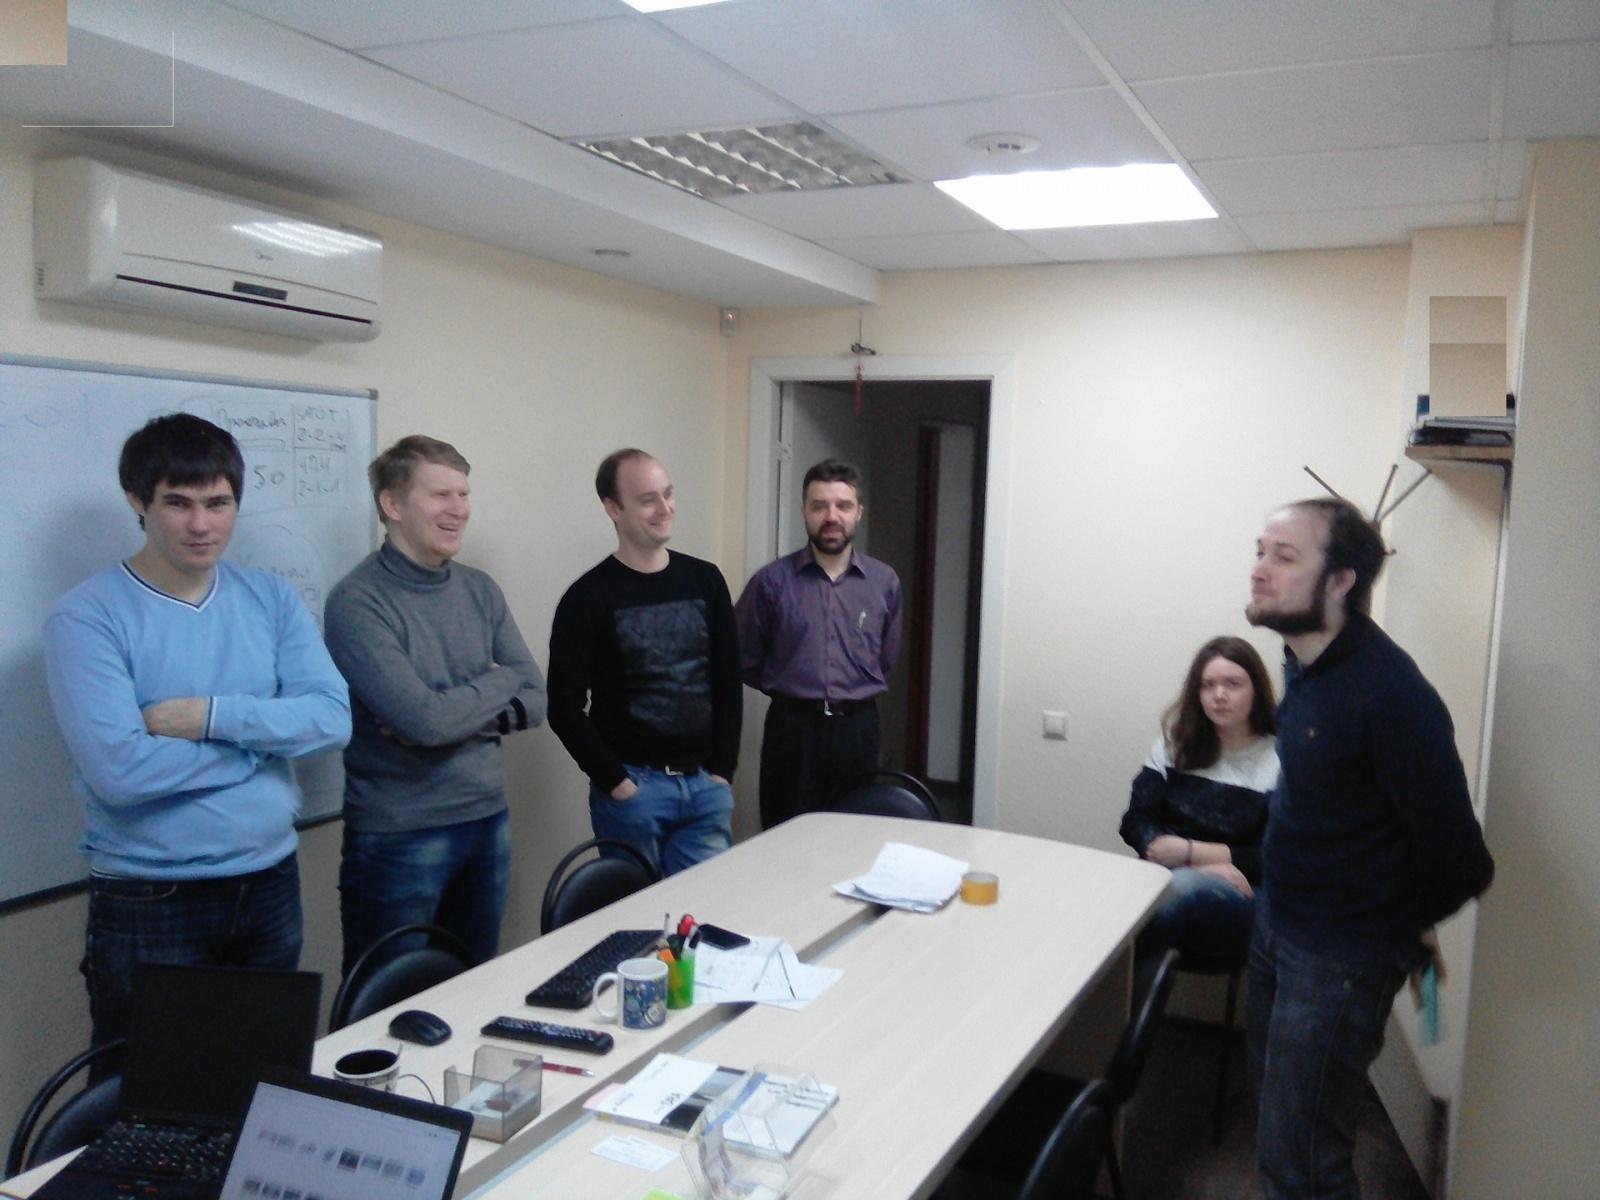 Канбан в управлении разработкой продуктов в машиностроении - 7